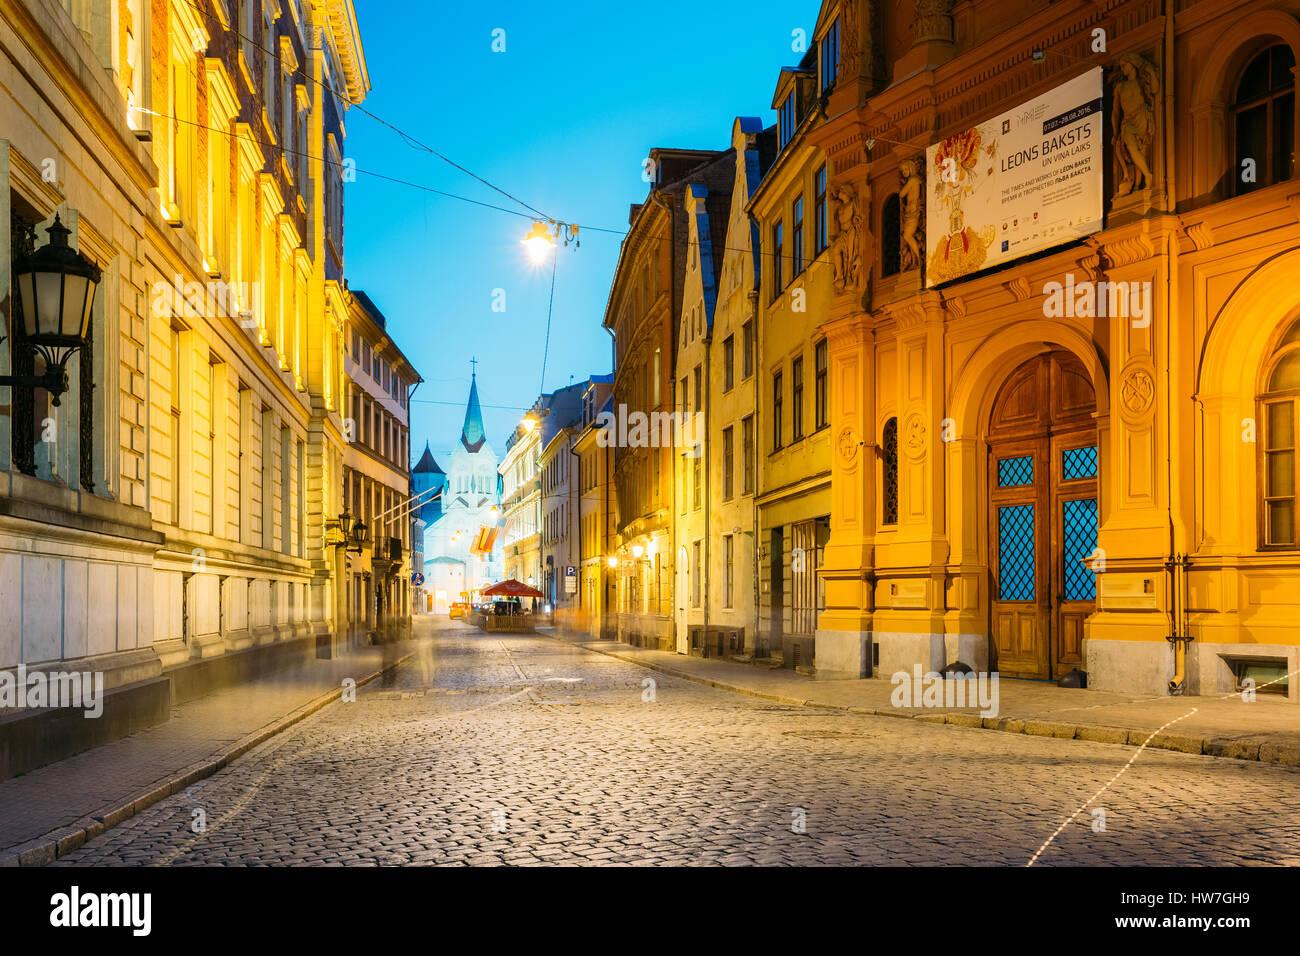 Riga, Letonia - Julio 1, 2016: Vista de Noche de la pils Street con la arquitectura antigua en un cálido amarillo Imagen De Stock